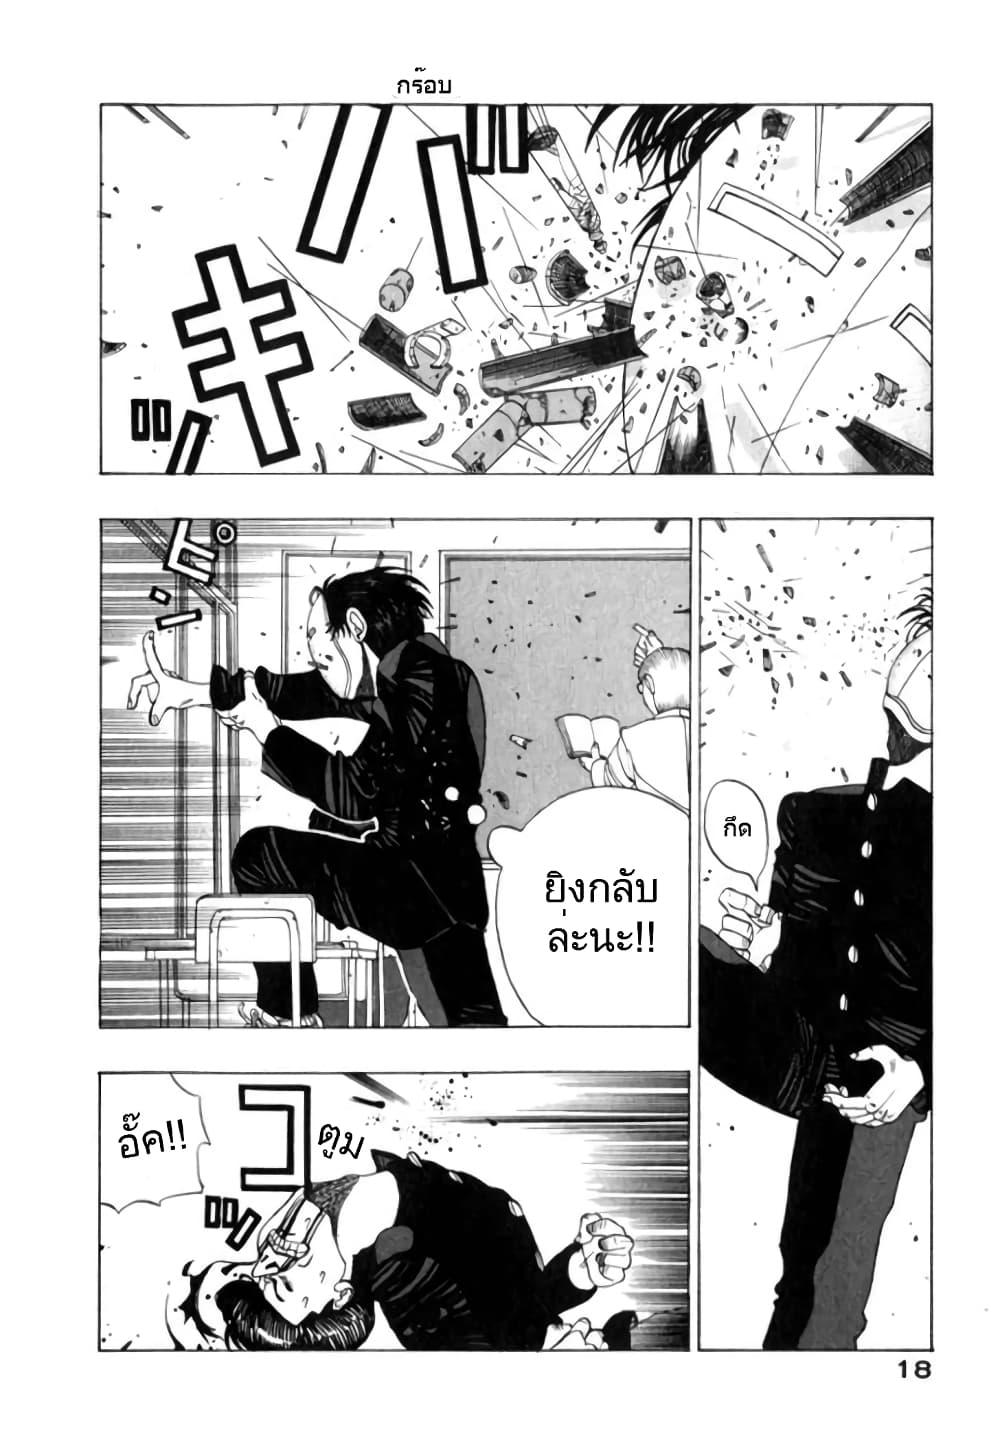 อ่านการ์ตูน Tanikamen ตอนที่ 0 หน้าที่ 19